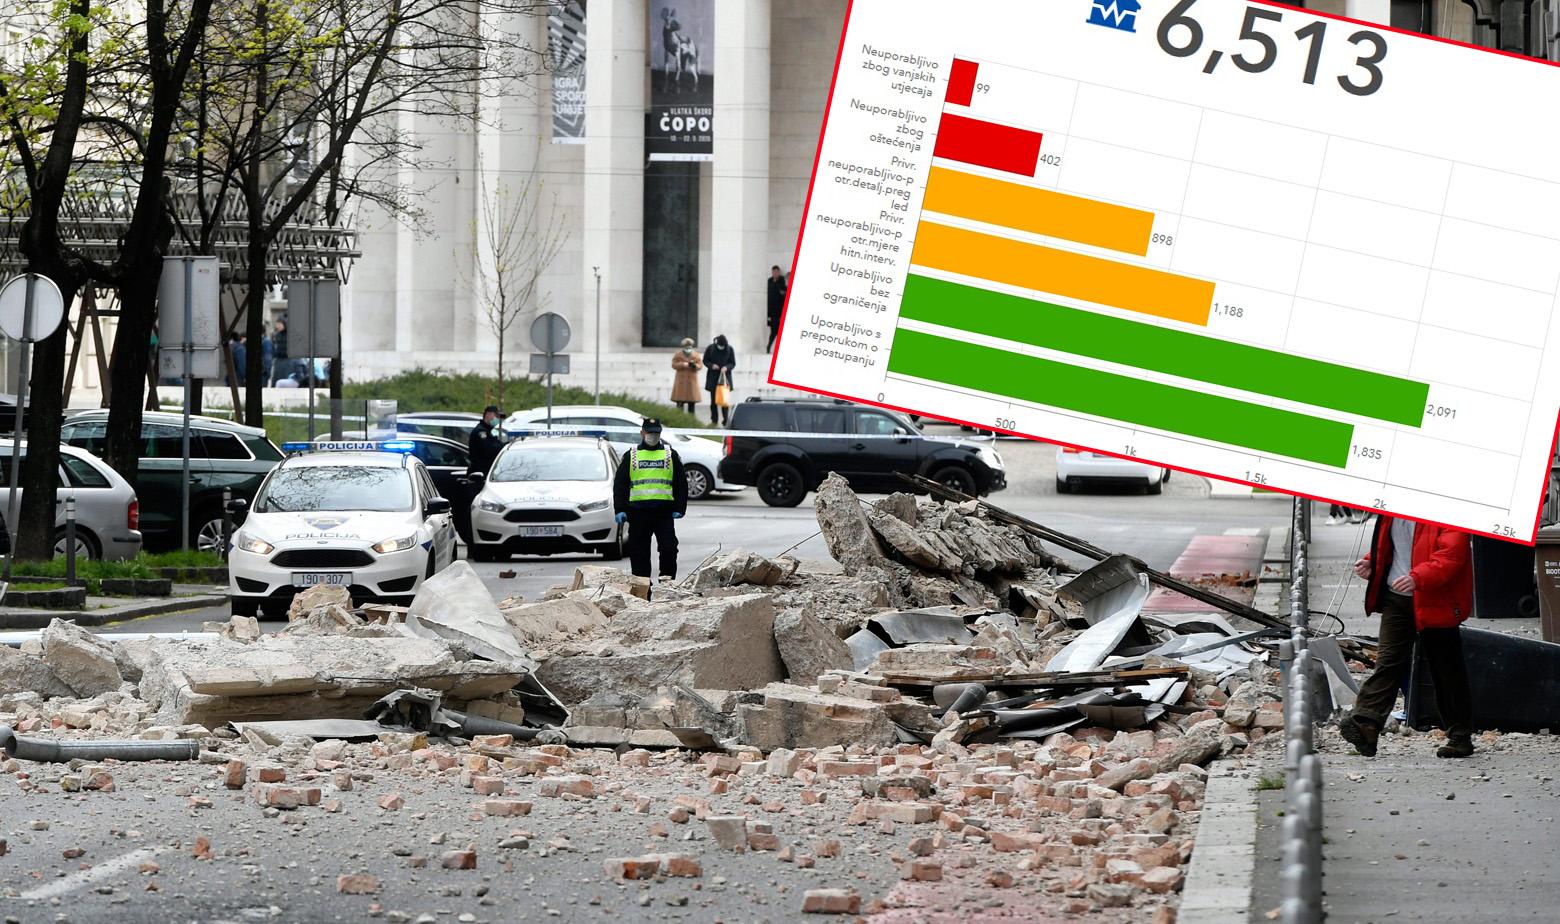 Jutarnji List Sto Ako Je Zgrada Nakon Potresa Dobila Zutu Ili Crvenu Oznaku Strucnjaci Na Jednom Mjestu Imaju Precizne Upute